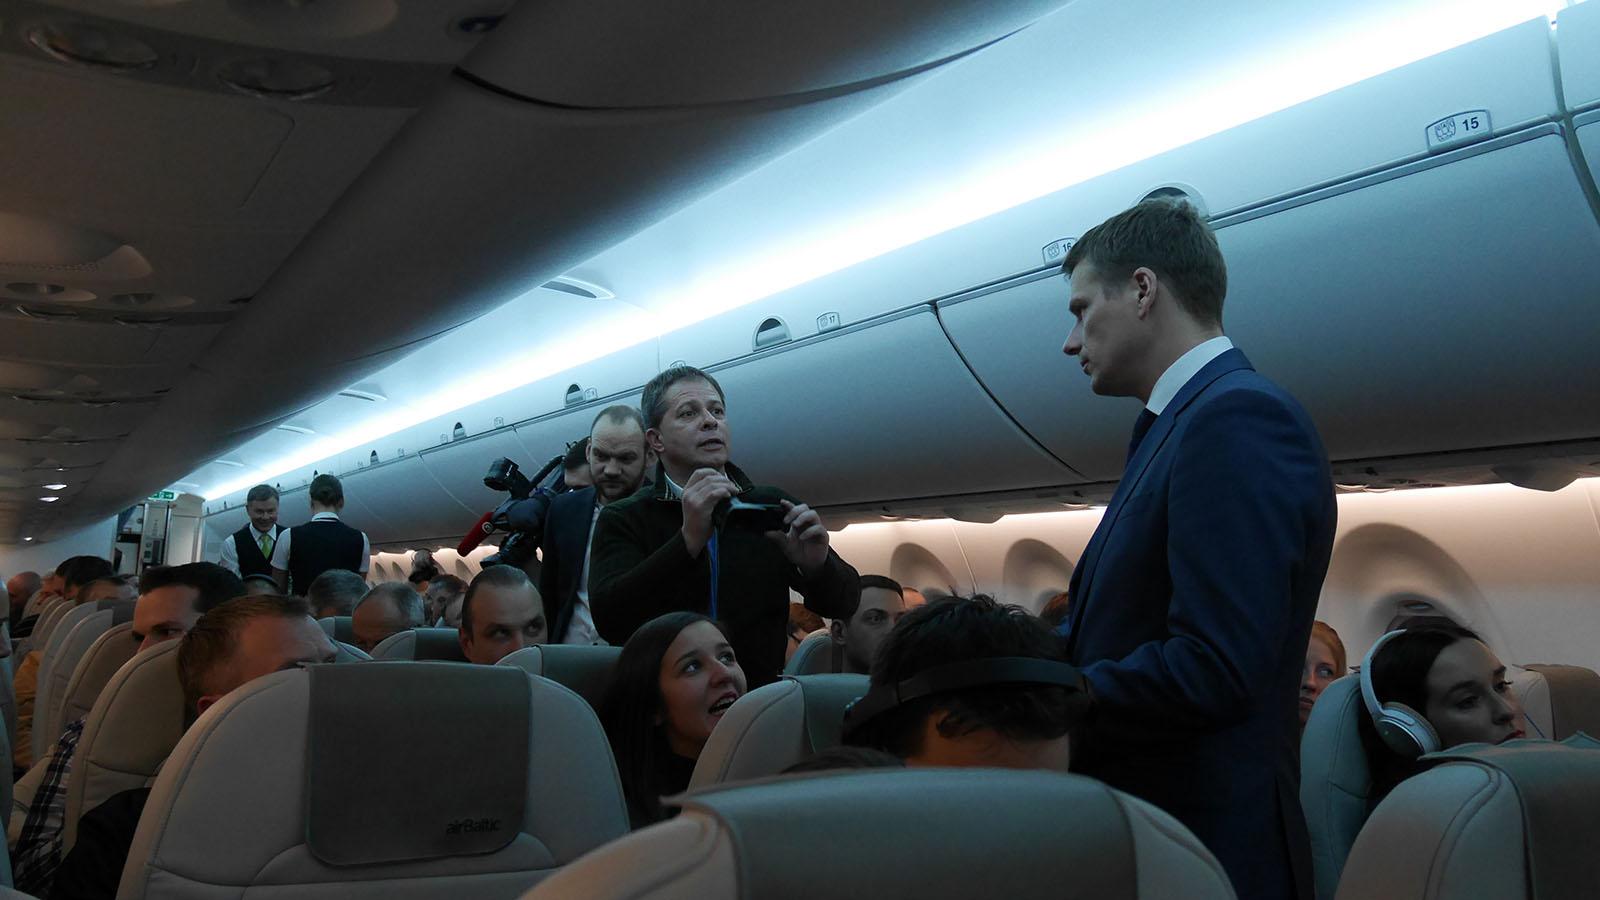 Full flight, crew, plus media